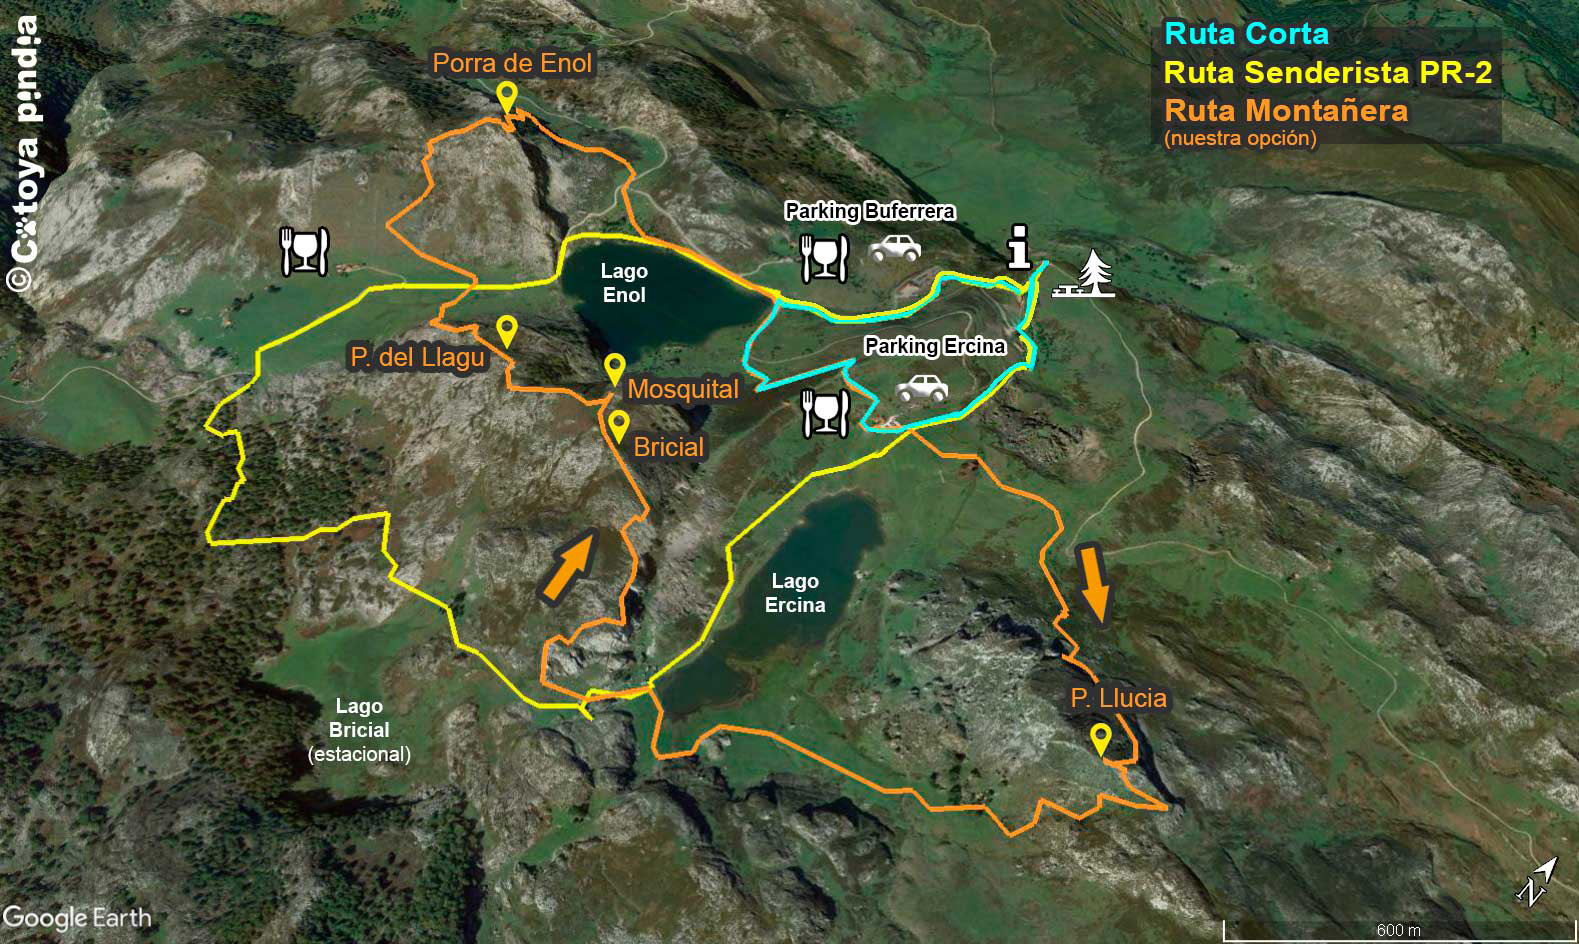 Mapa de la ruta a los Lagos de Covadonga en Picos de Europa.